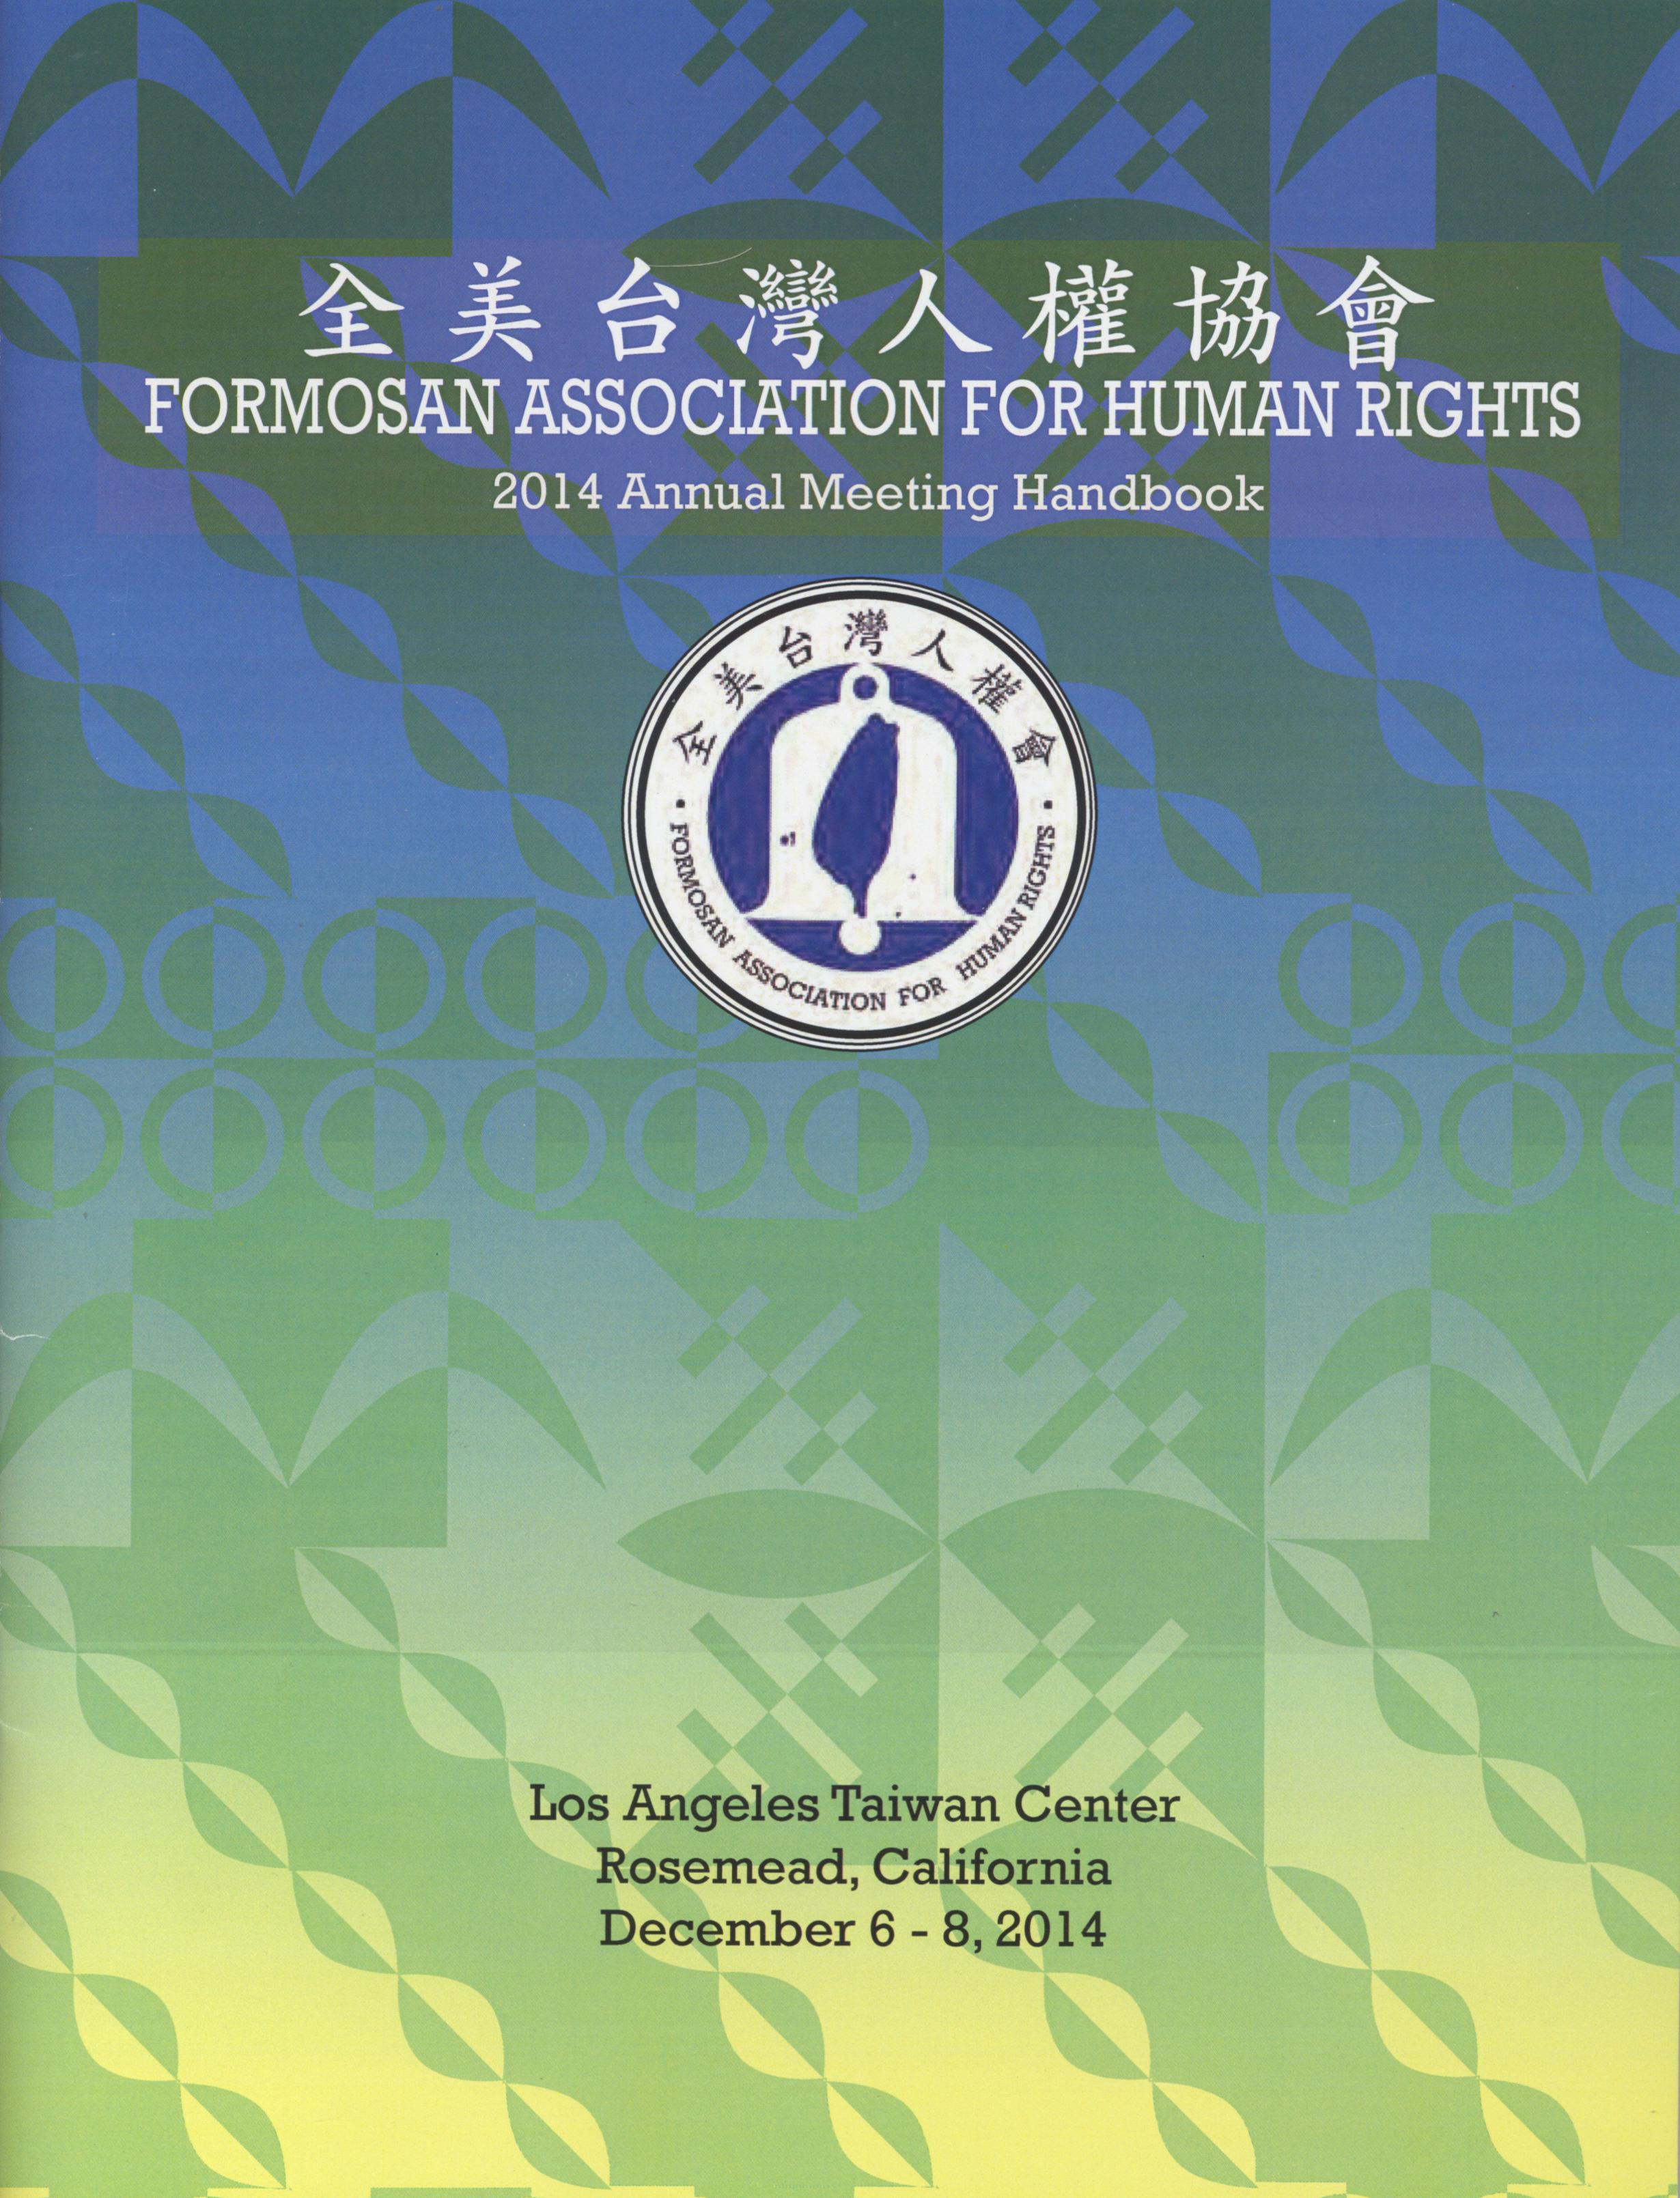 8. 台灣人權協會專欄(台灣公論報) by 台灣人權協會